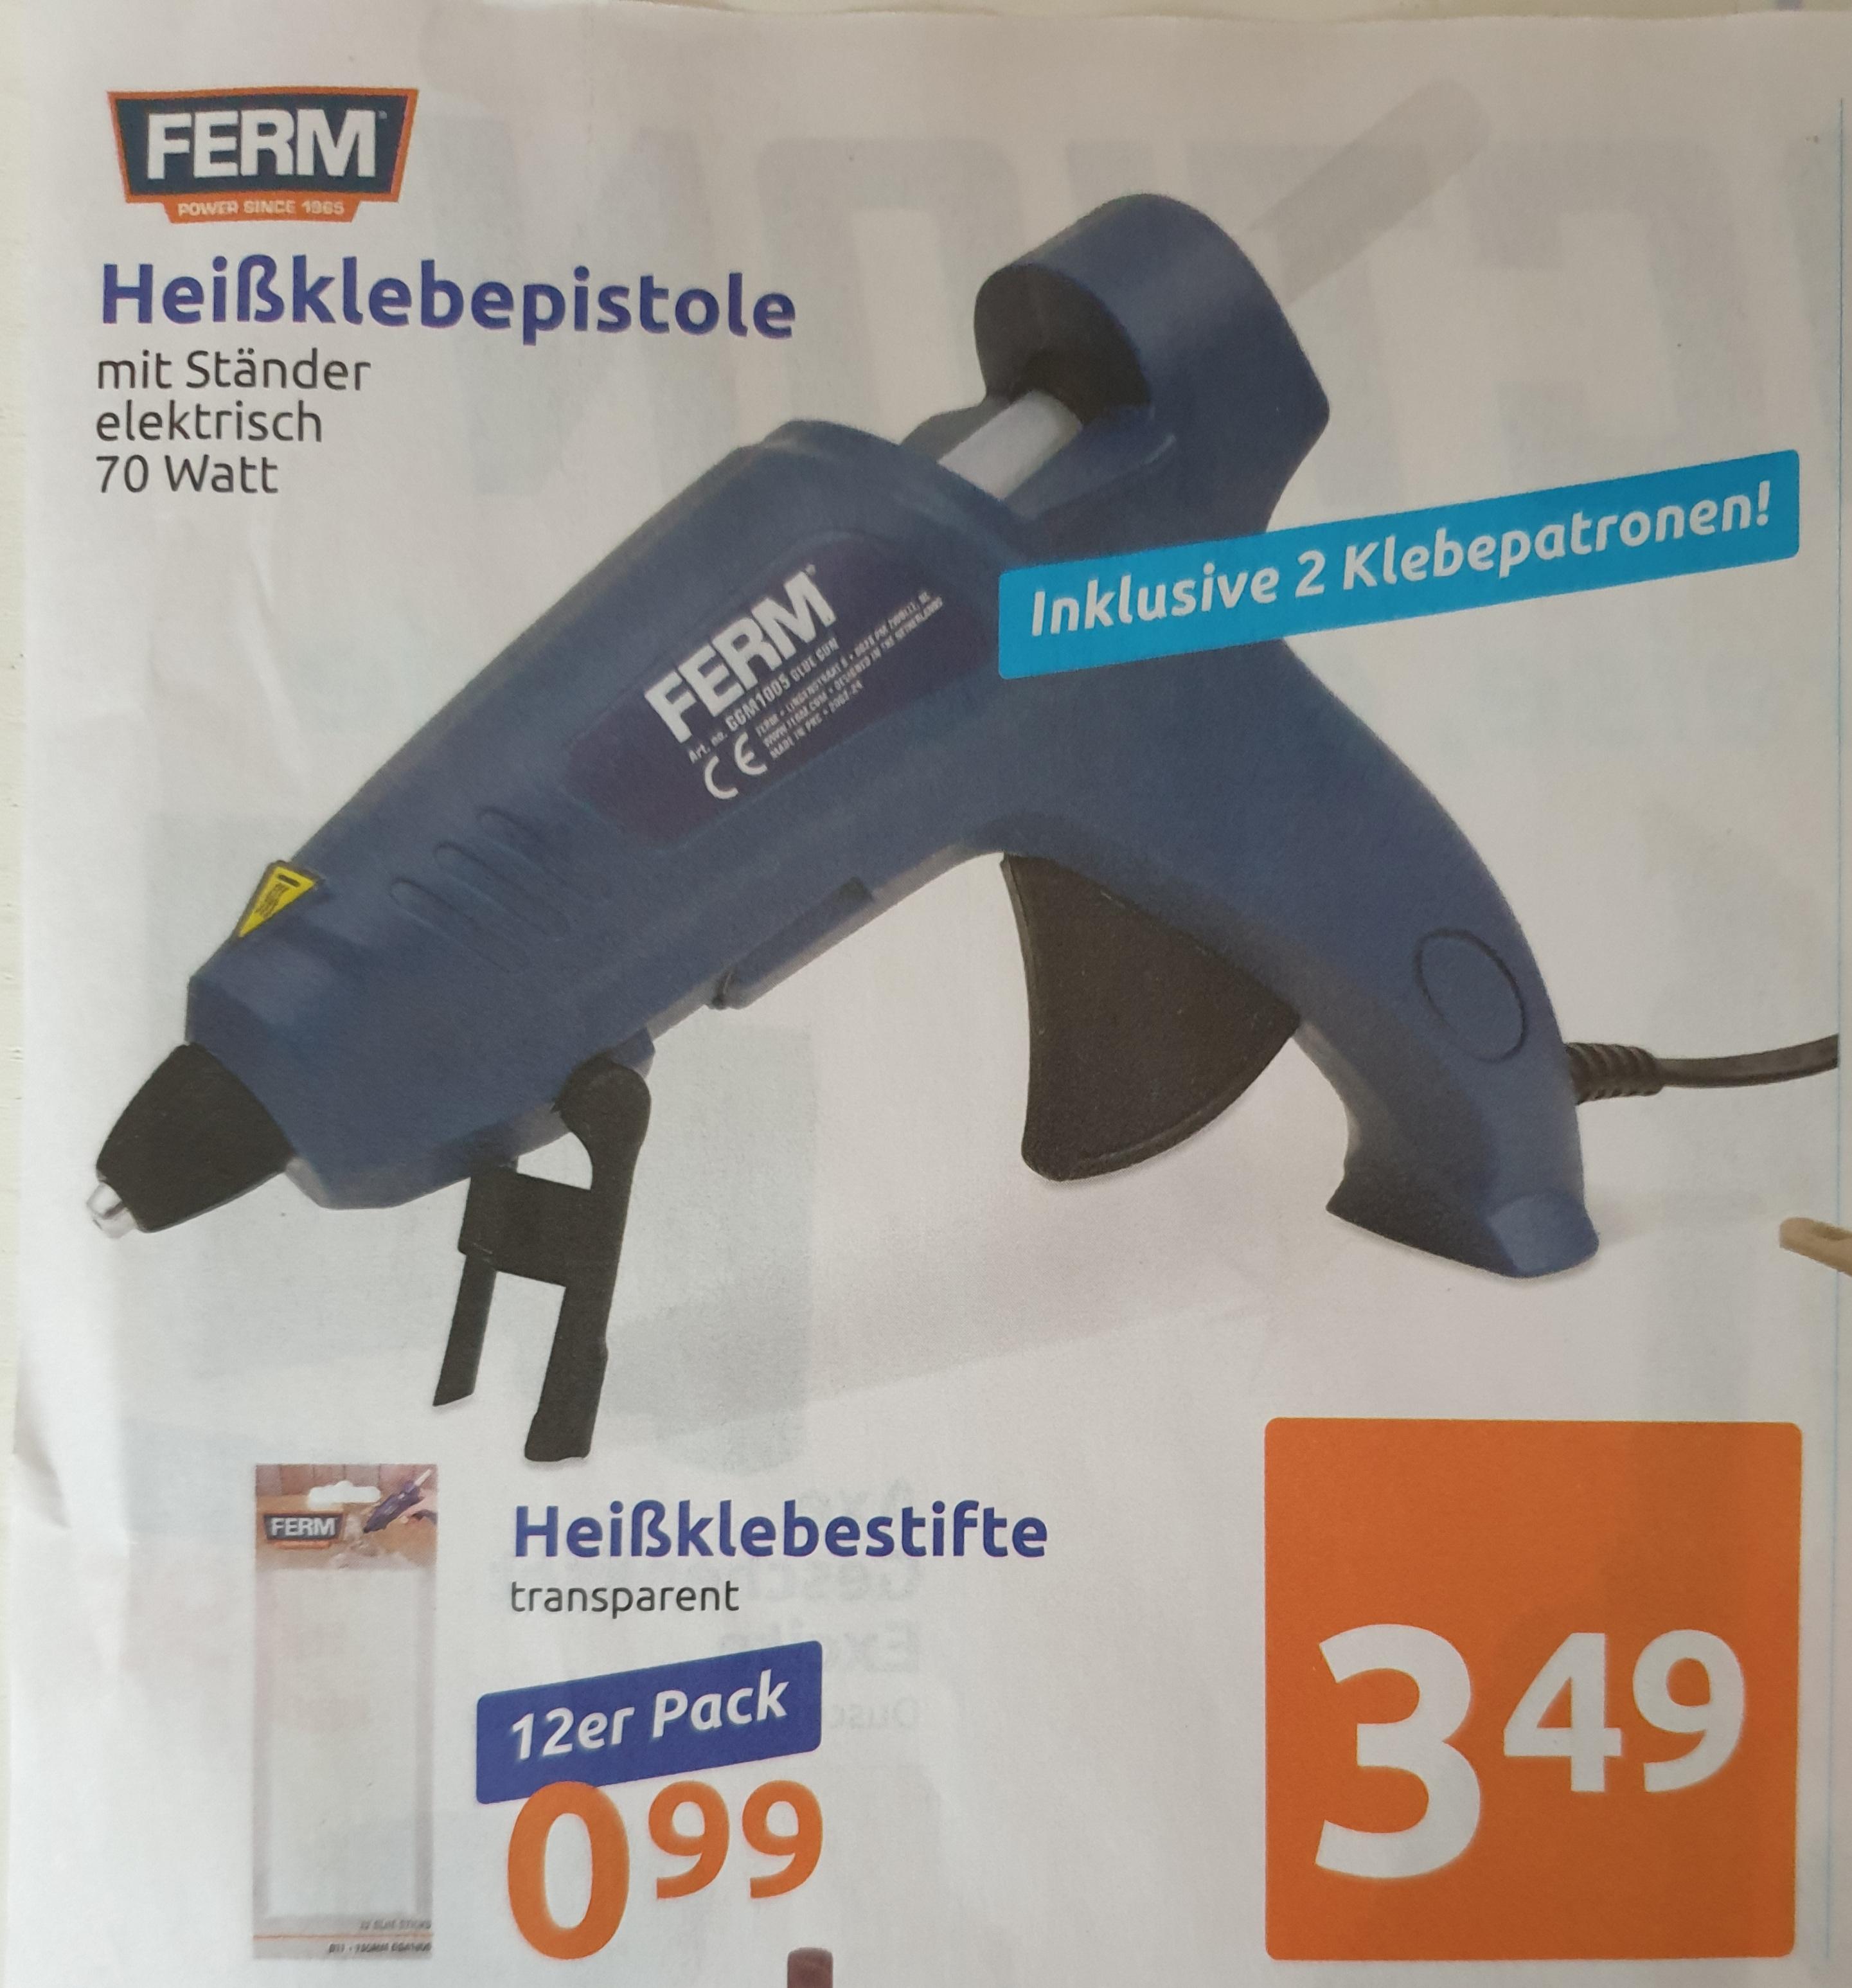 [ Action ] FERM Heißklebepistole mit Ständer 70W / Heißklebestifte transparent 12er Pack 0,99€